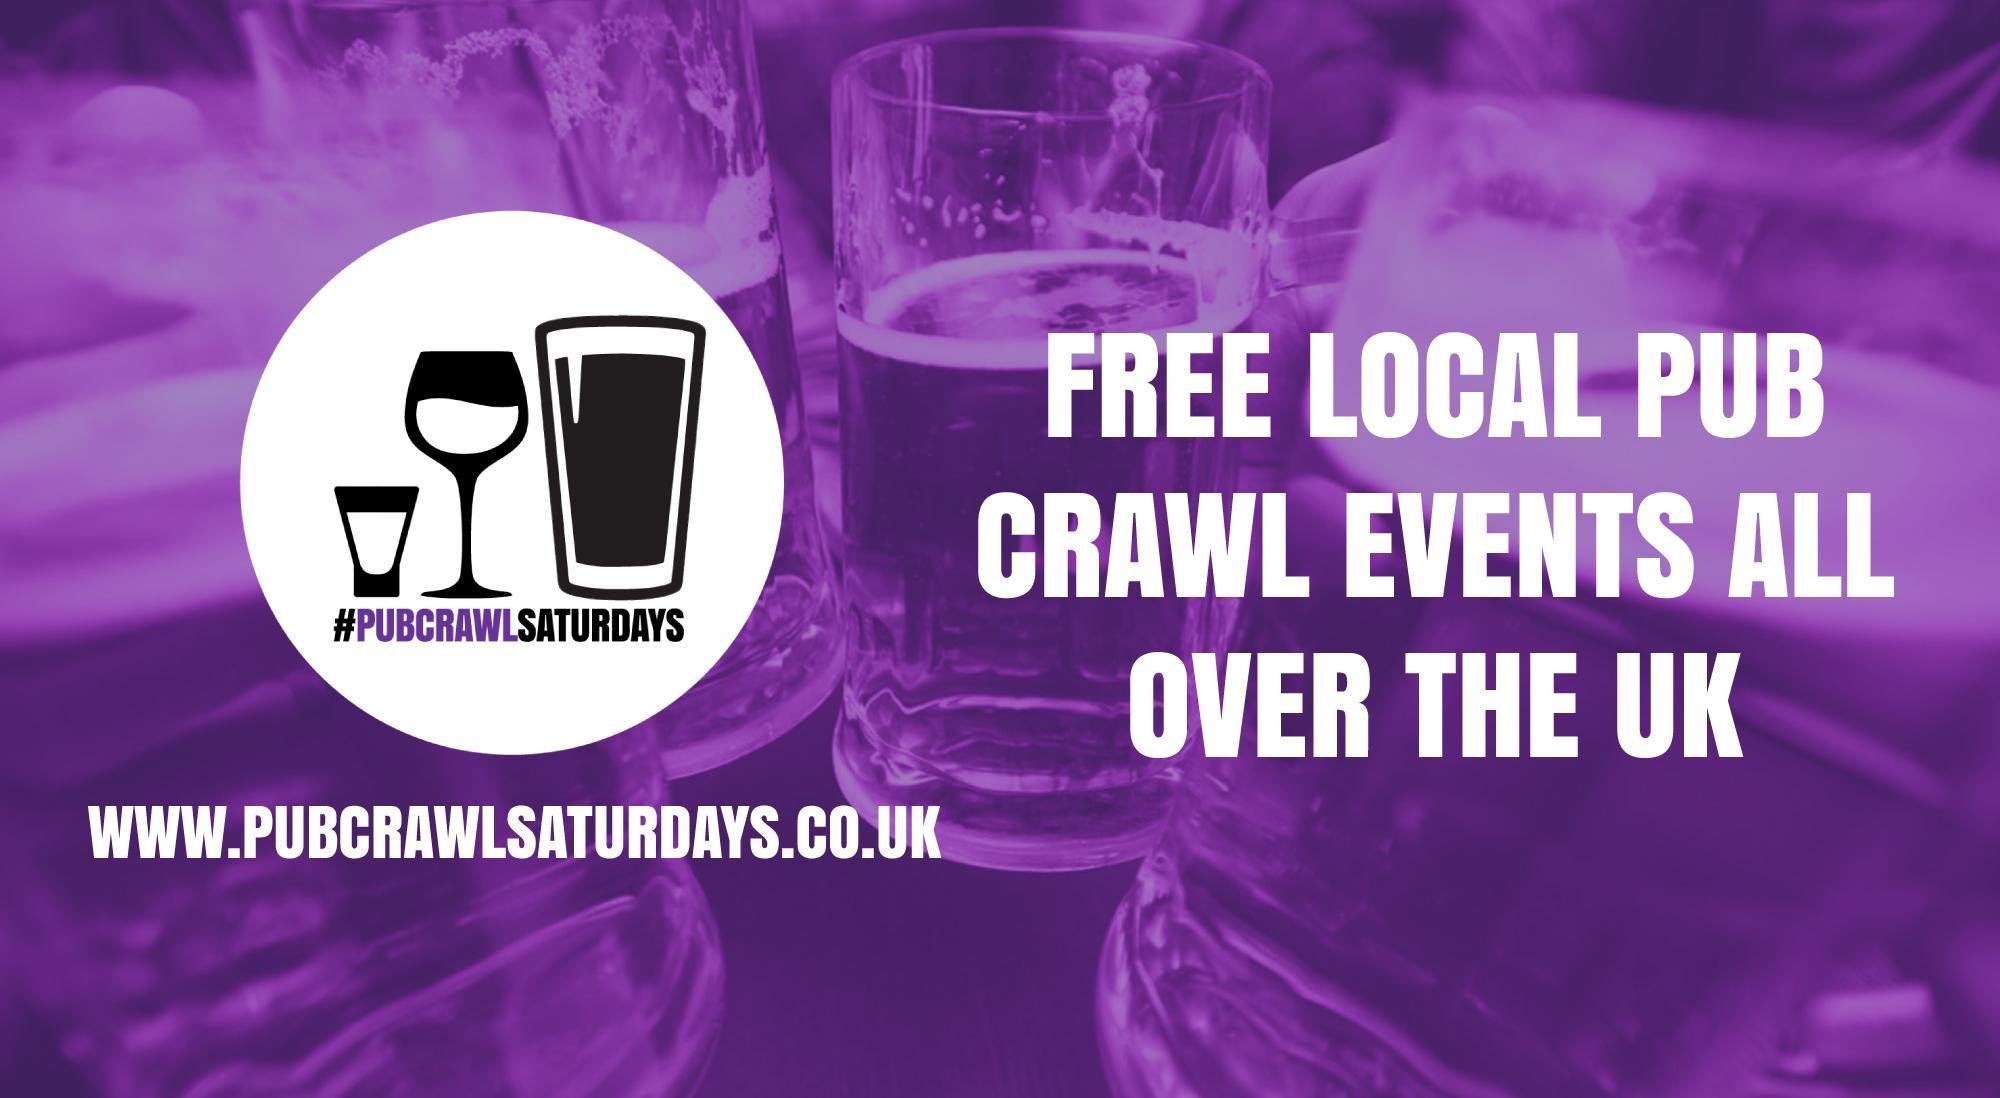 PUB CRAWL SATURDAYS! Free weekly pub crawl event in East Didsbury